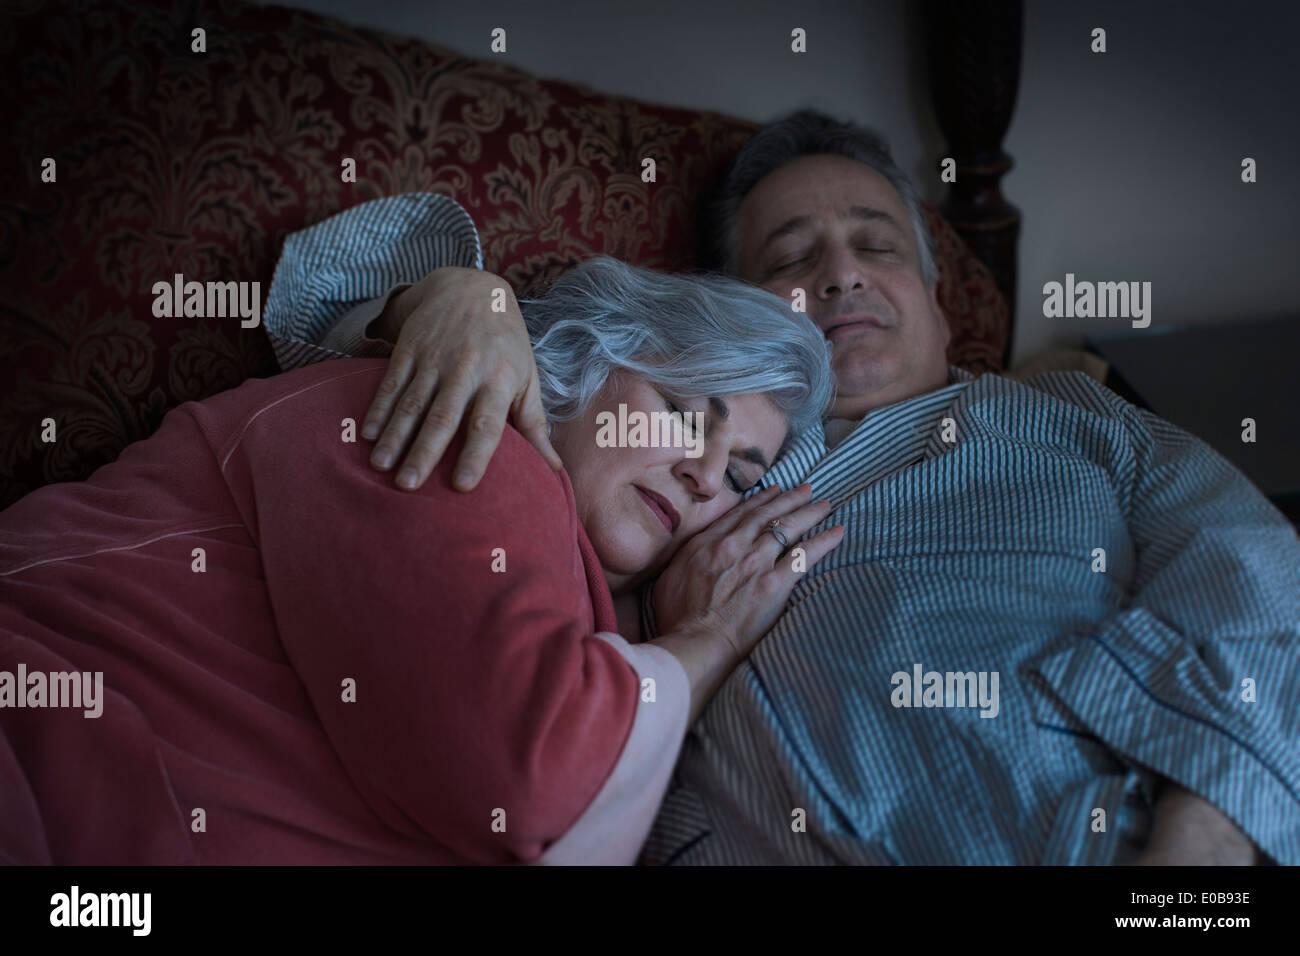 Affettuoso adulto giovane che dorme sul letto Immagini Stock